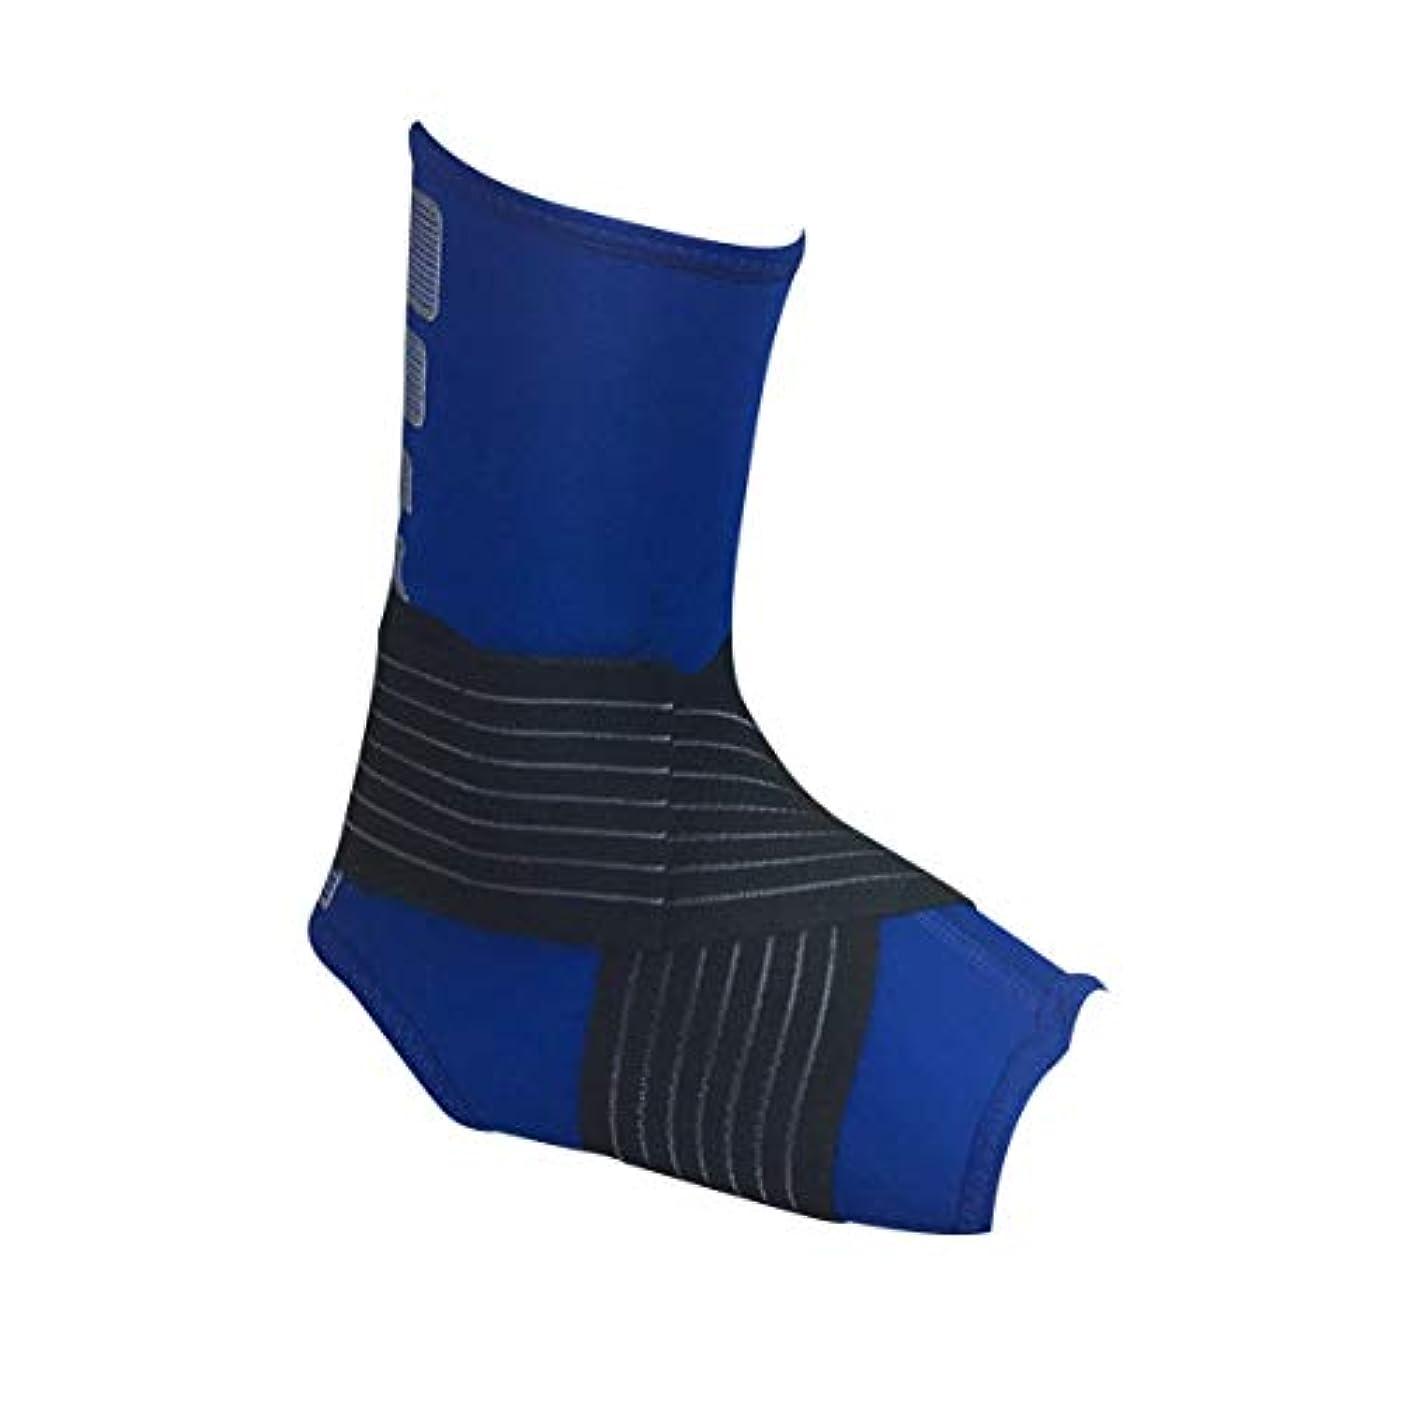 髄自殺のぞき見足首フットパッド包帯ブレースサポート保護足首ガードパッド快適な足首袖ランニングフィットネスサイクリング